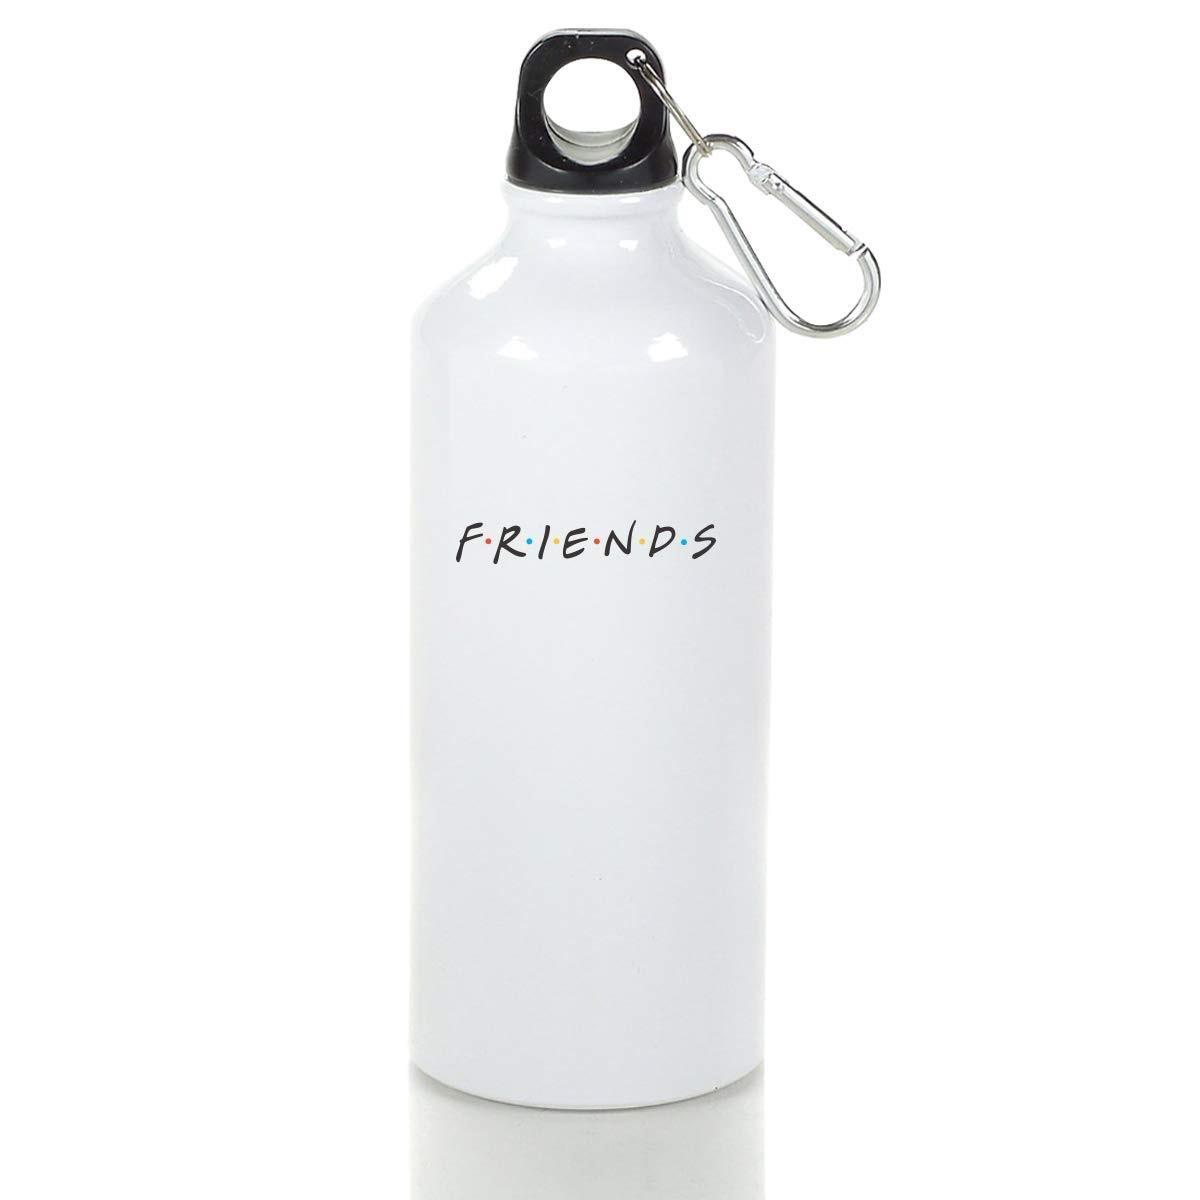 friends fan gifts